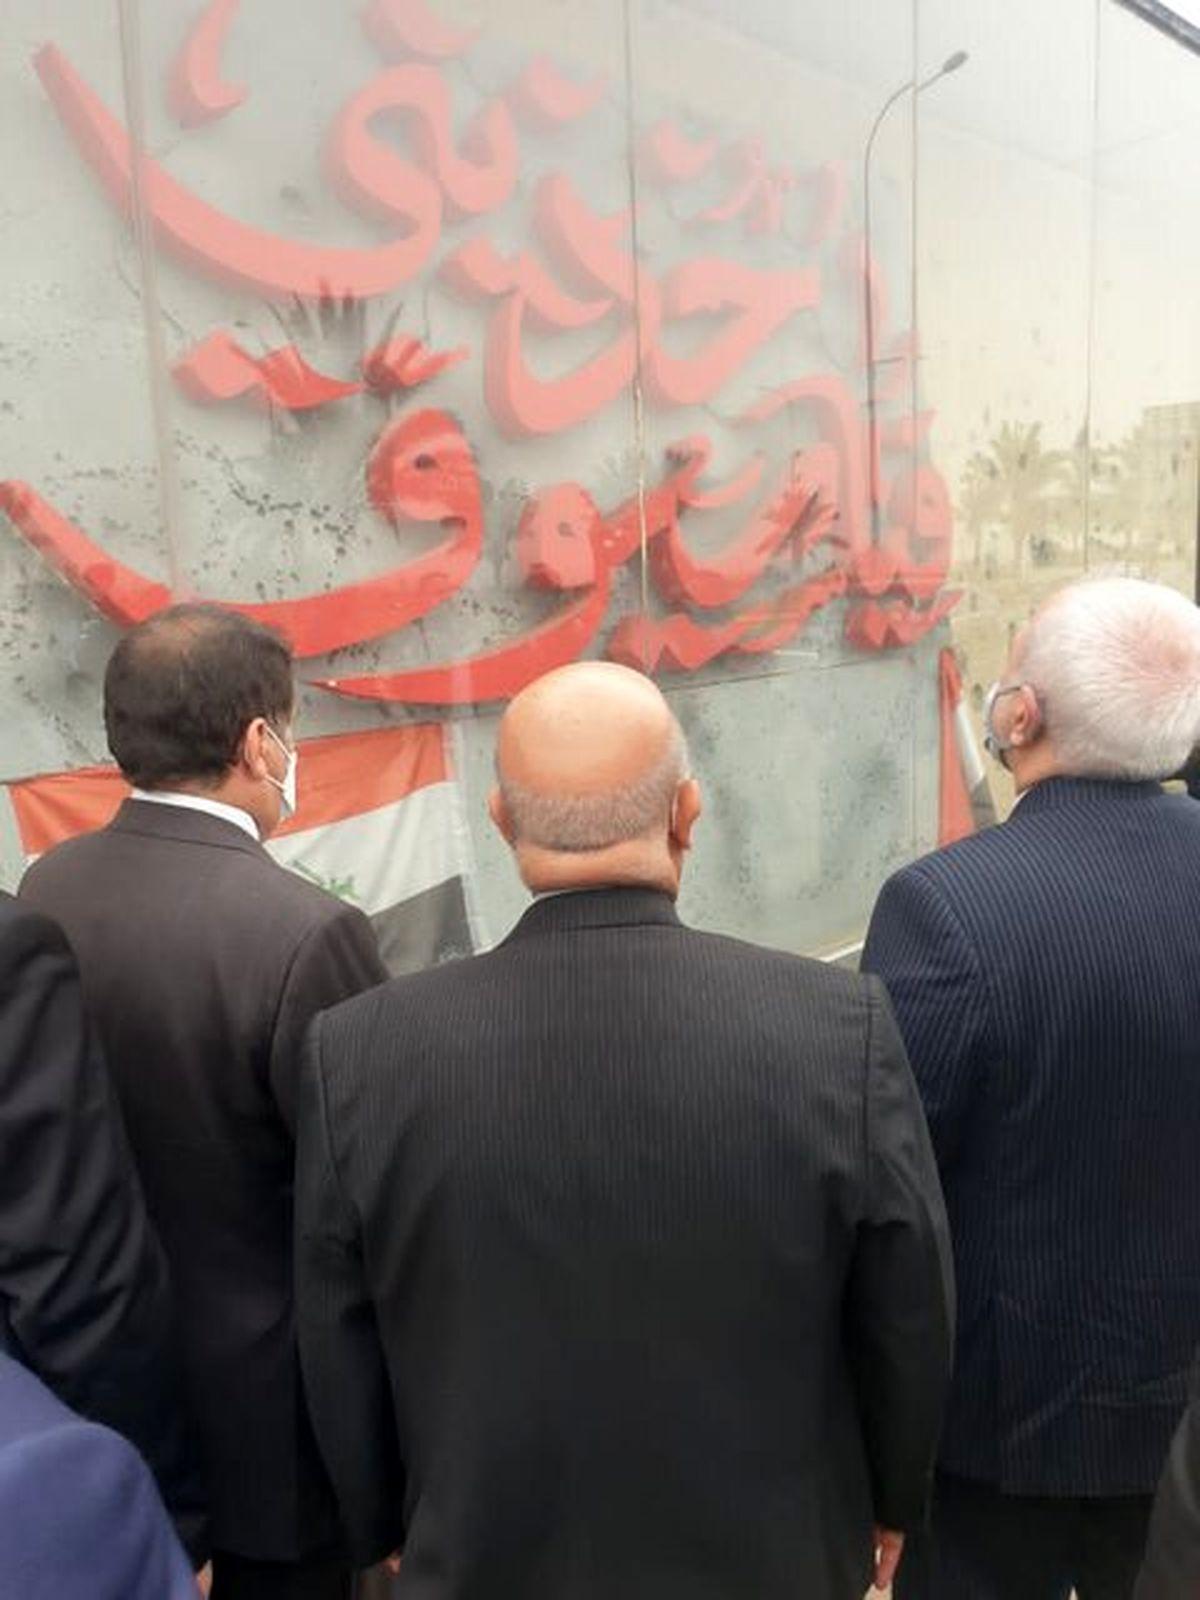 وزیر خارجه در محل شهادت حاج قاسم حاضر شد